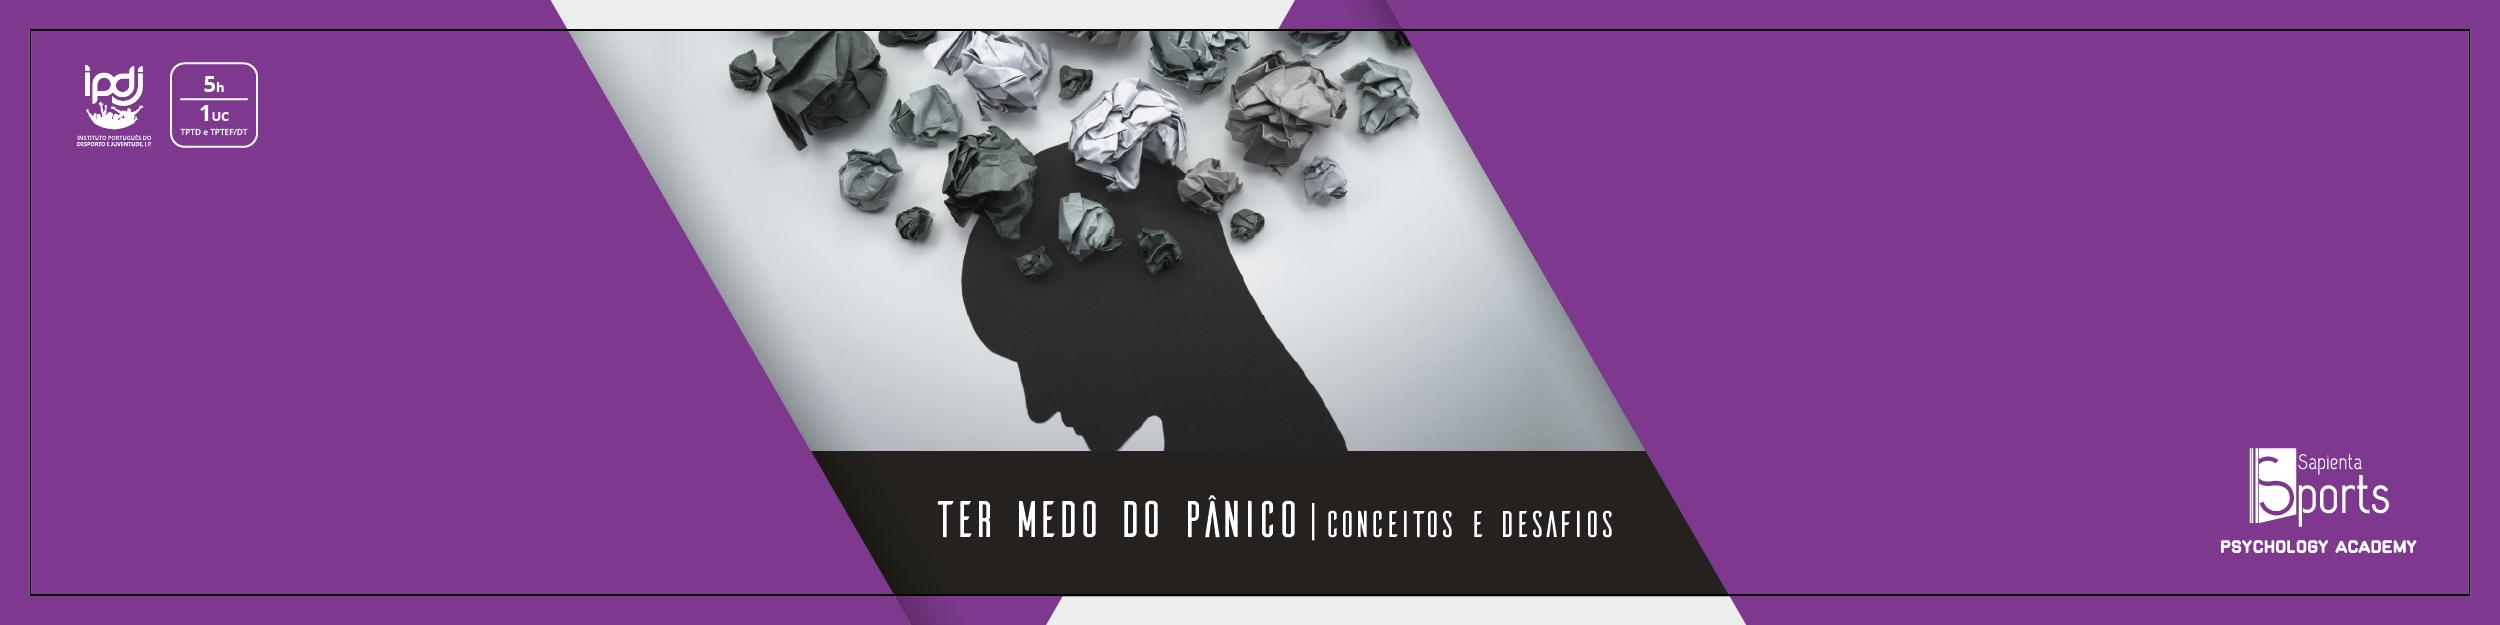 Ter Medo do Pânico | Conceitos e Desafios